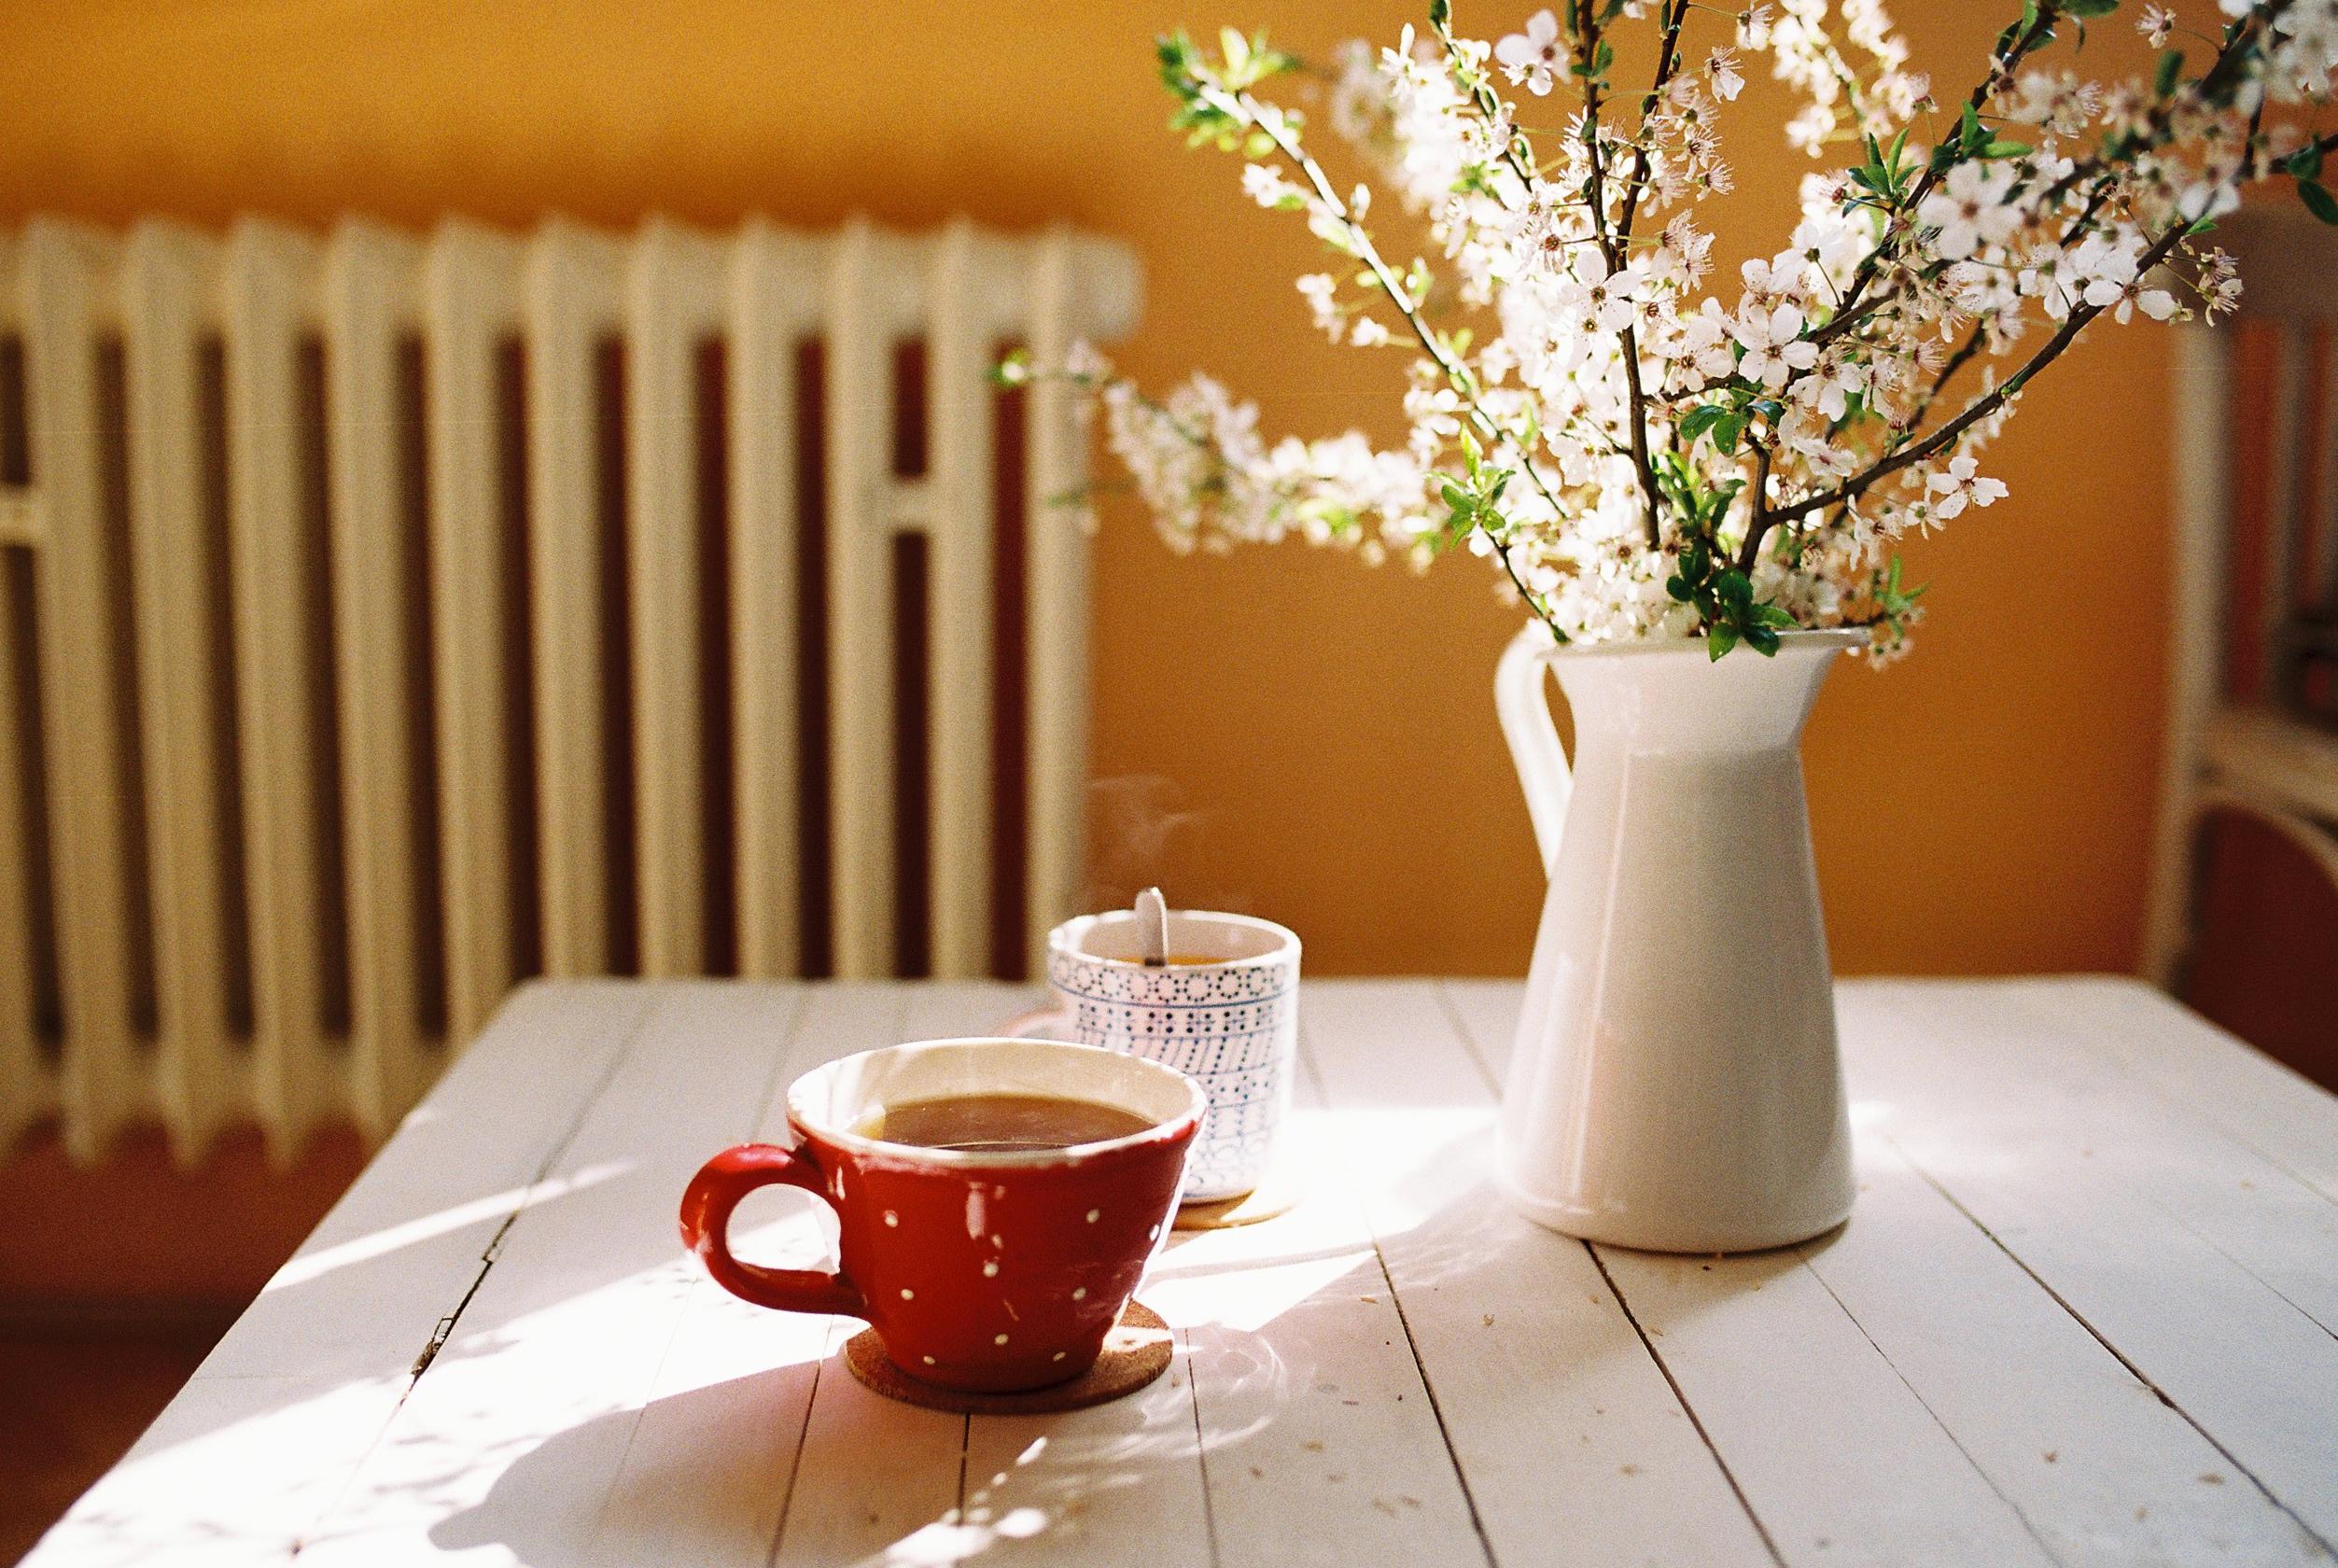 wallpaper sunlight white flowers room red table